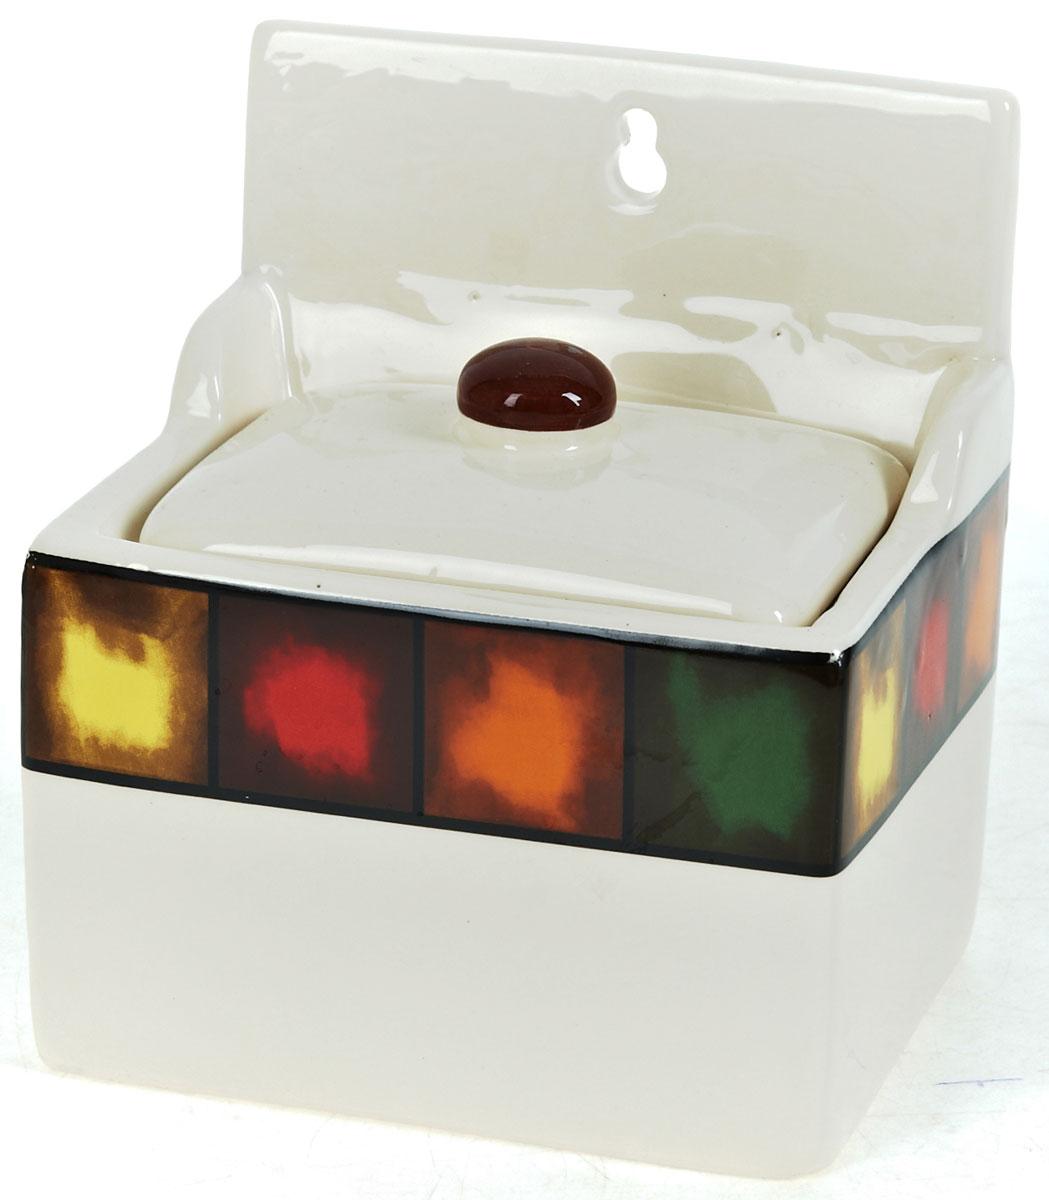 Солонка ENS Group Мармелад, 650 мл0050013Оригинальная солонка ENS Group Мармелад выполнена из высококачественной керамики, декорирована разноцветным рисунком. Изделие прямоугольной формы, имеет отверстие для подвешивания. Солонка станет хорошим дополнением на любой кухне, отлично сочетается с другими аксессуарами из серии Мармелад.